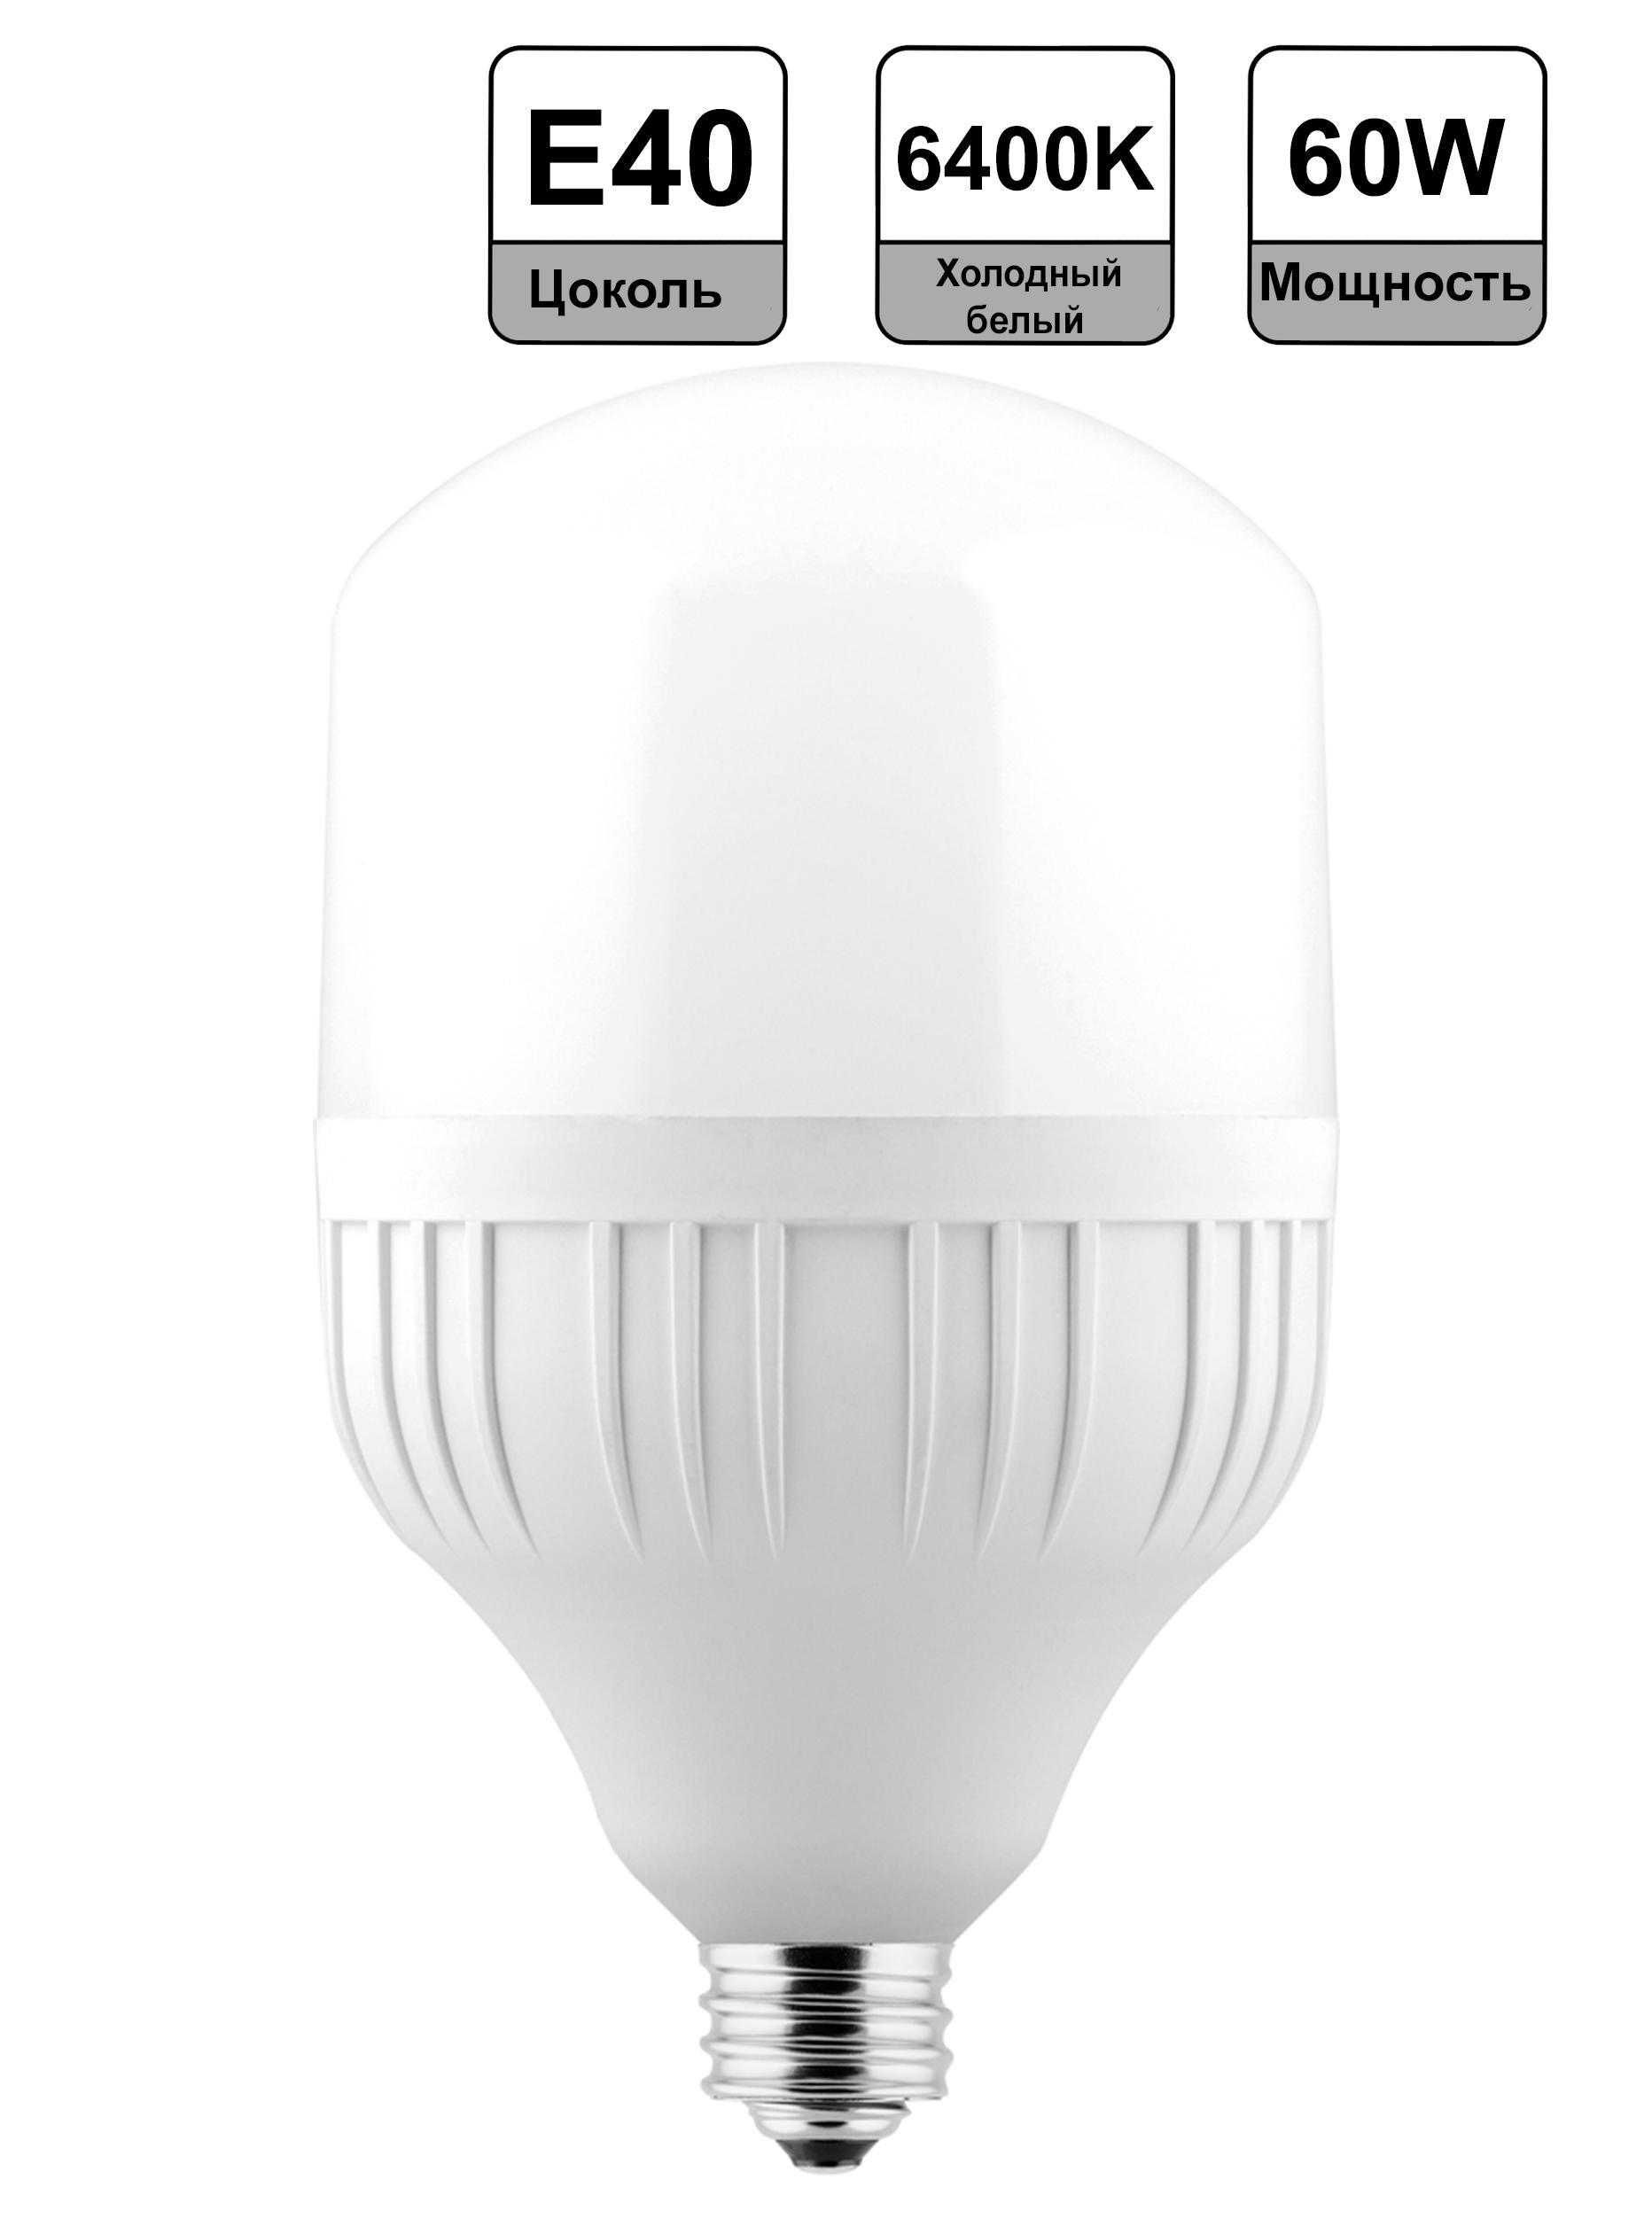 купить светодиодные лампы е 40 Москве